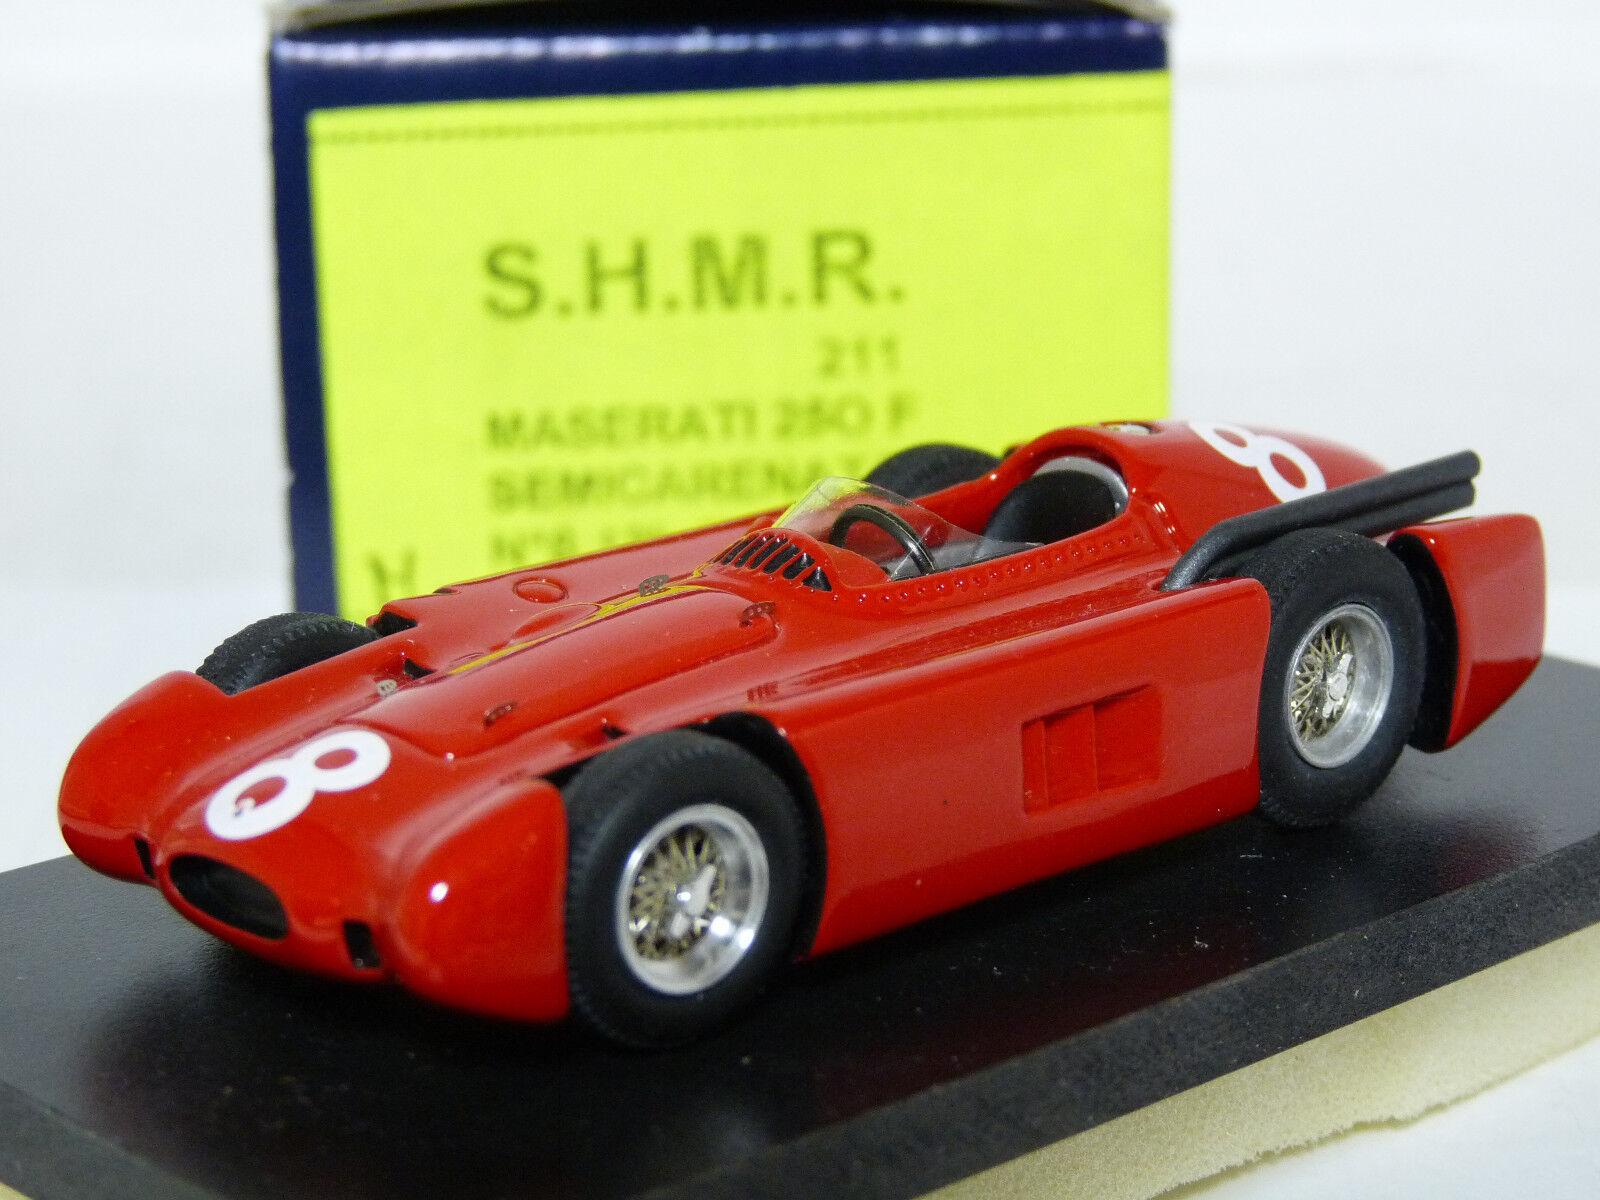 S.H.M.R. 211 1 43 1956 MASERATI 250 F semicarenata Handmade Résine modèle de voiture